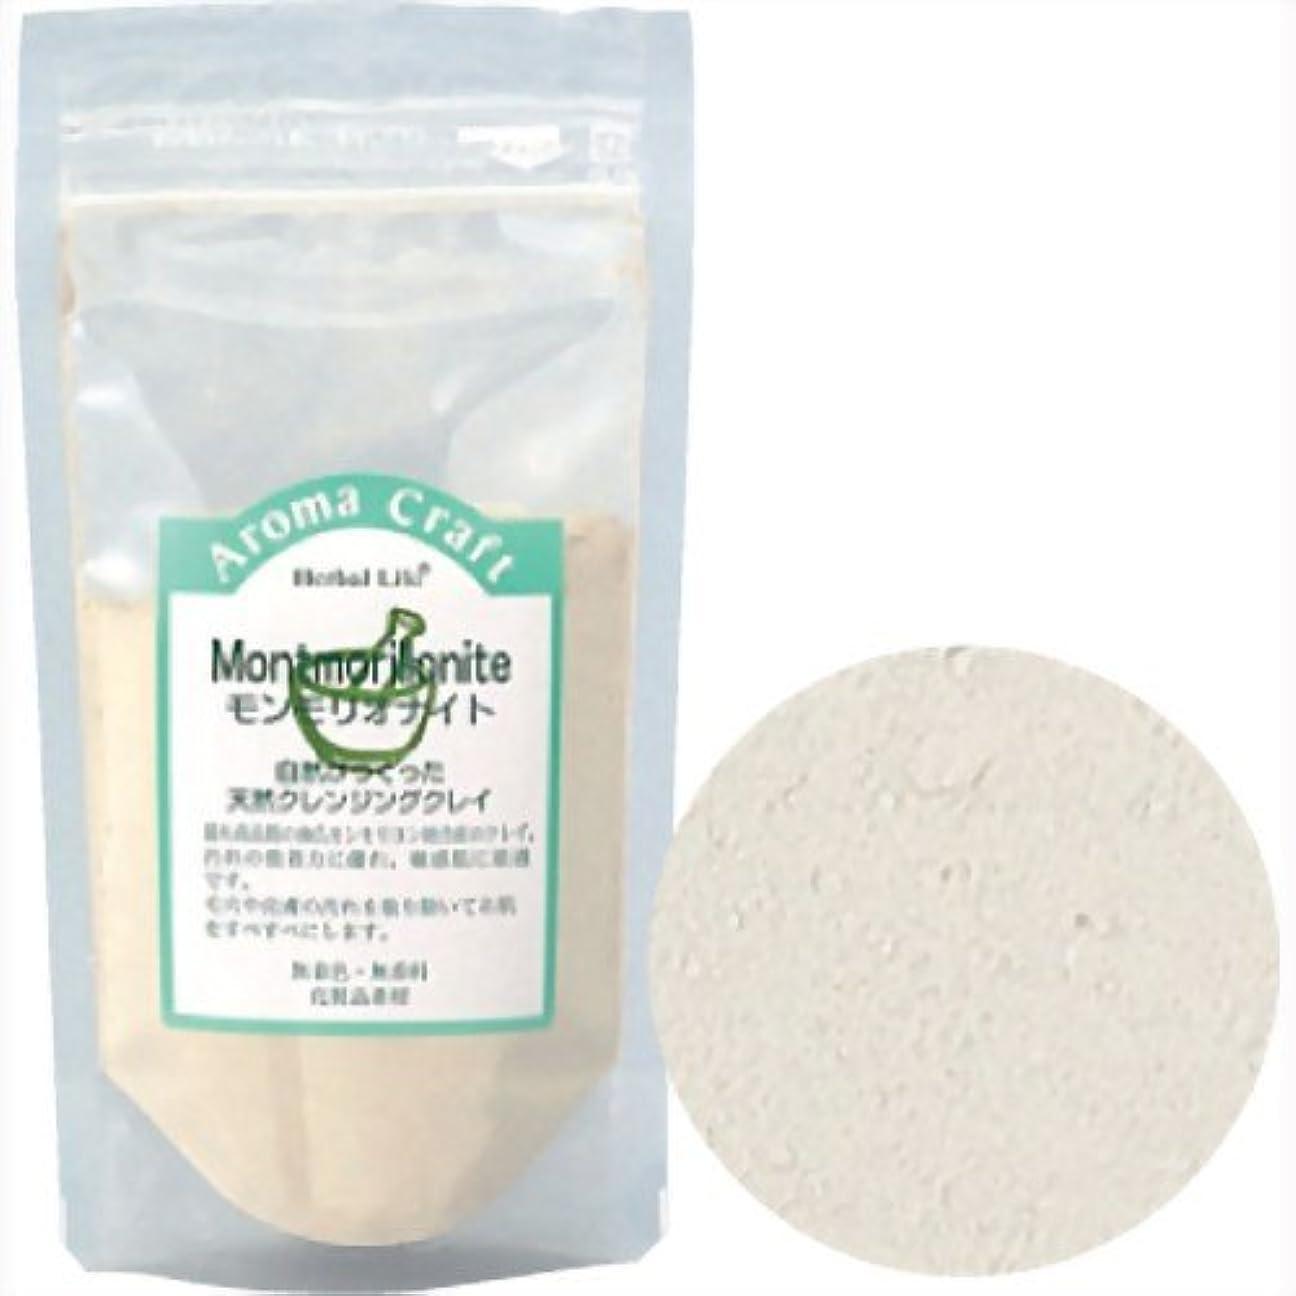 カスケード慣性洗剤生活の木 AC モンモリオナイト 100g